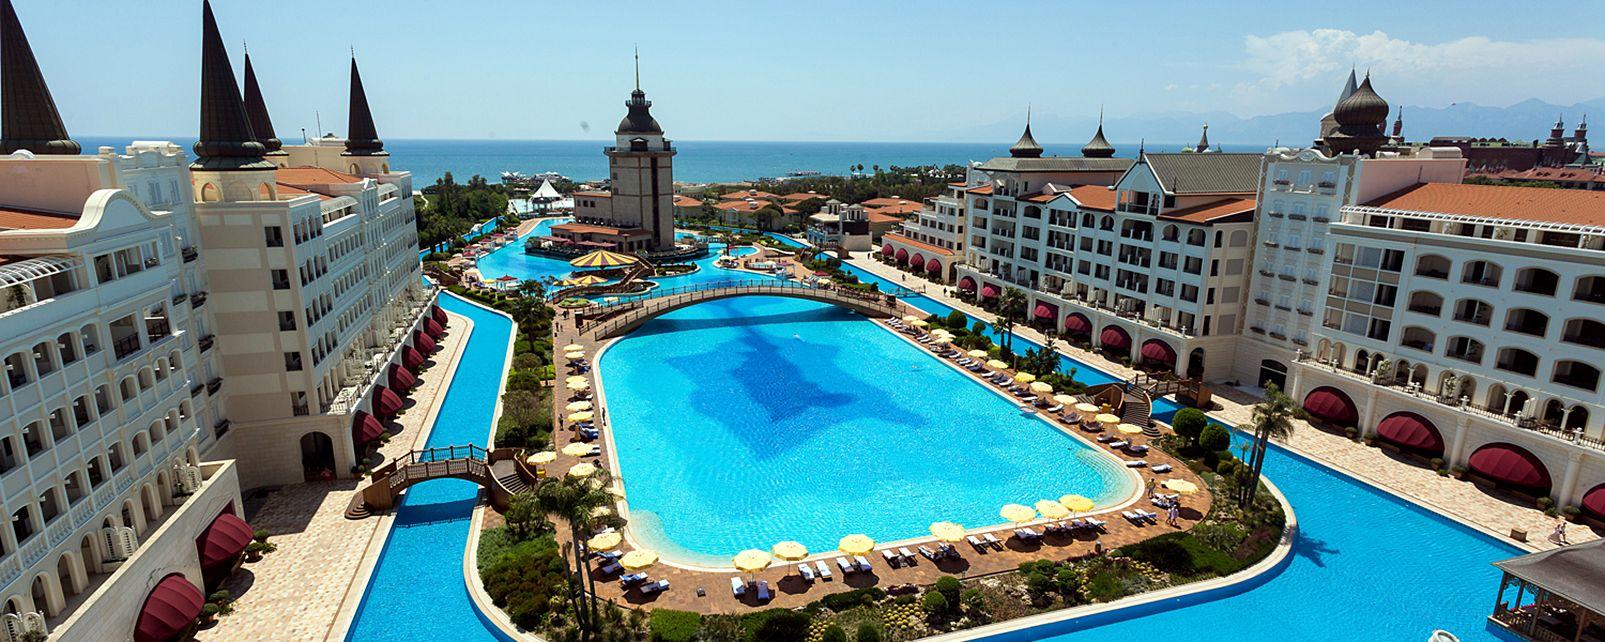 Отель Mardan Palace вАнталье вновь будет принимать туристов